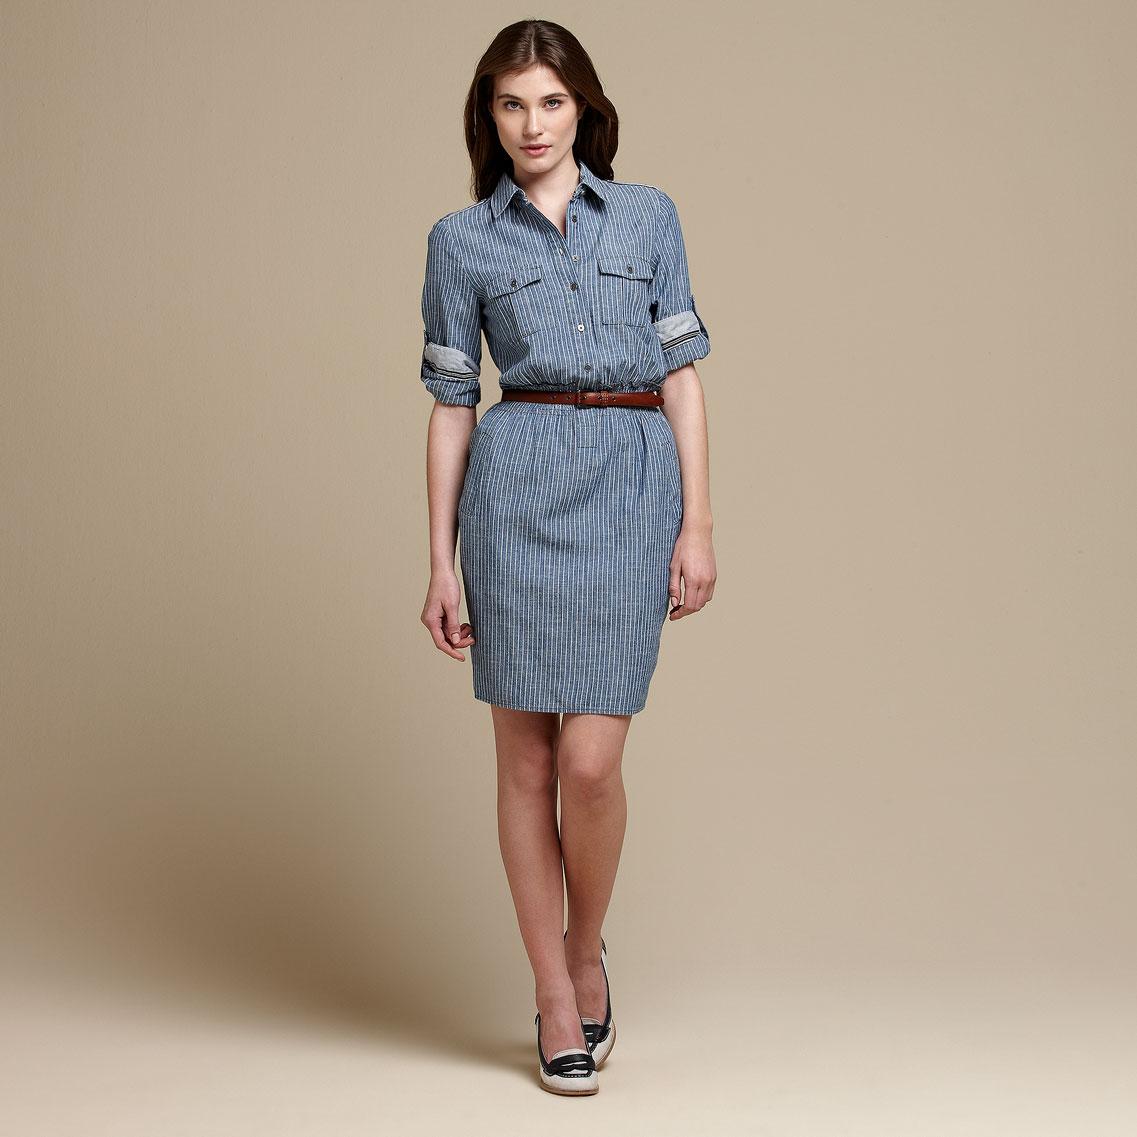 mujer con un vestido gris